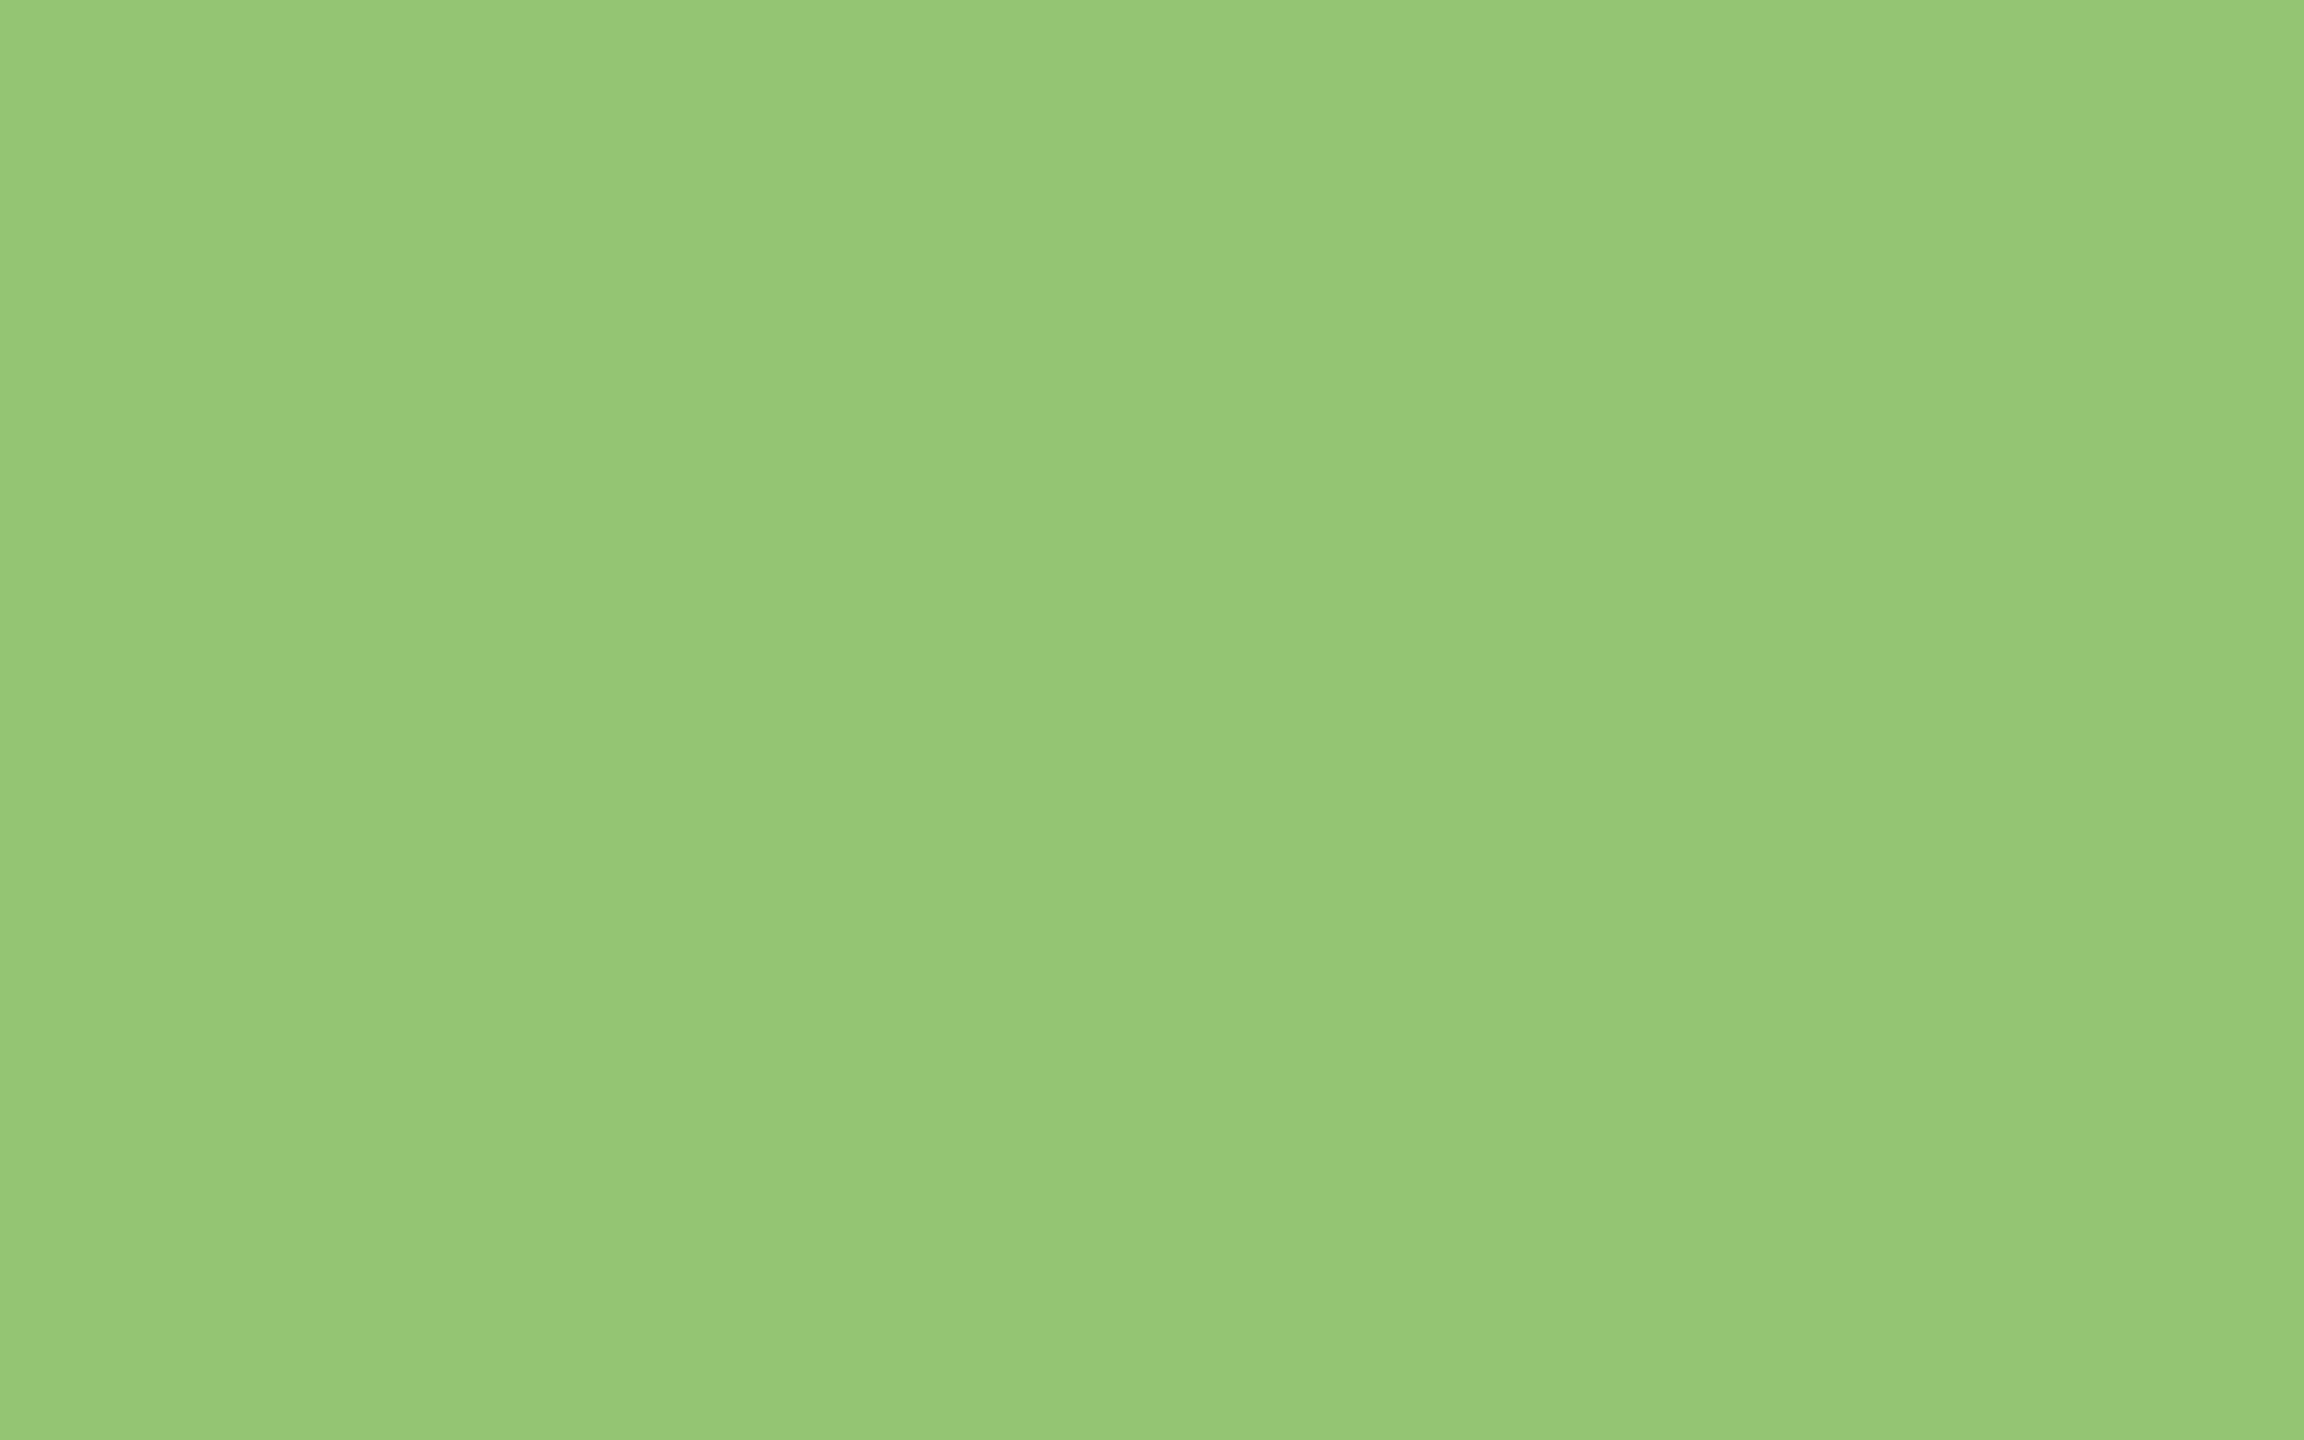 2304x1440 Pistachio Solid Color Background